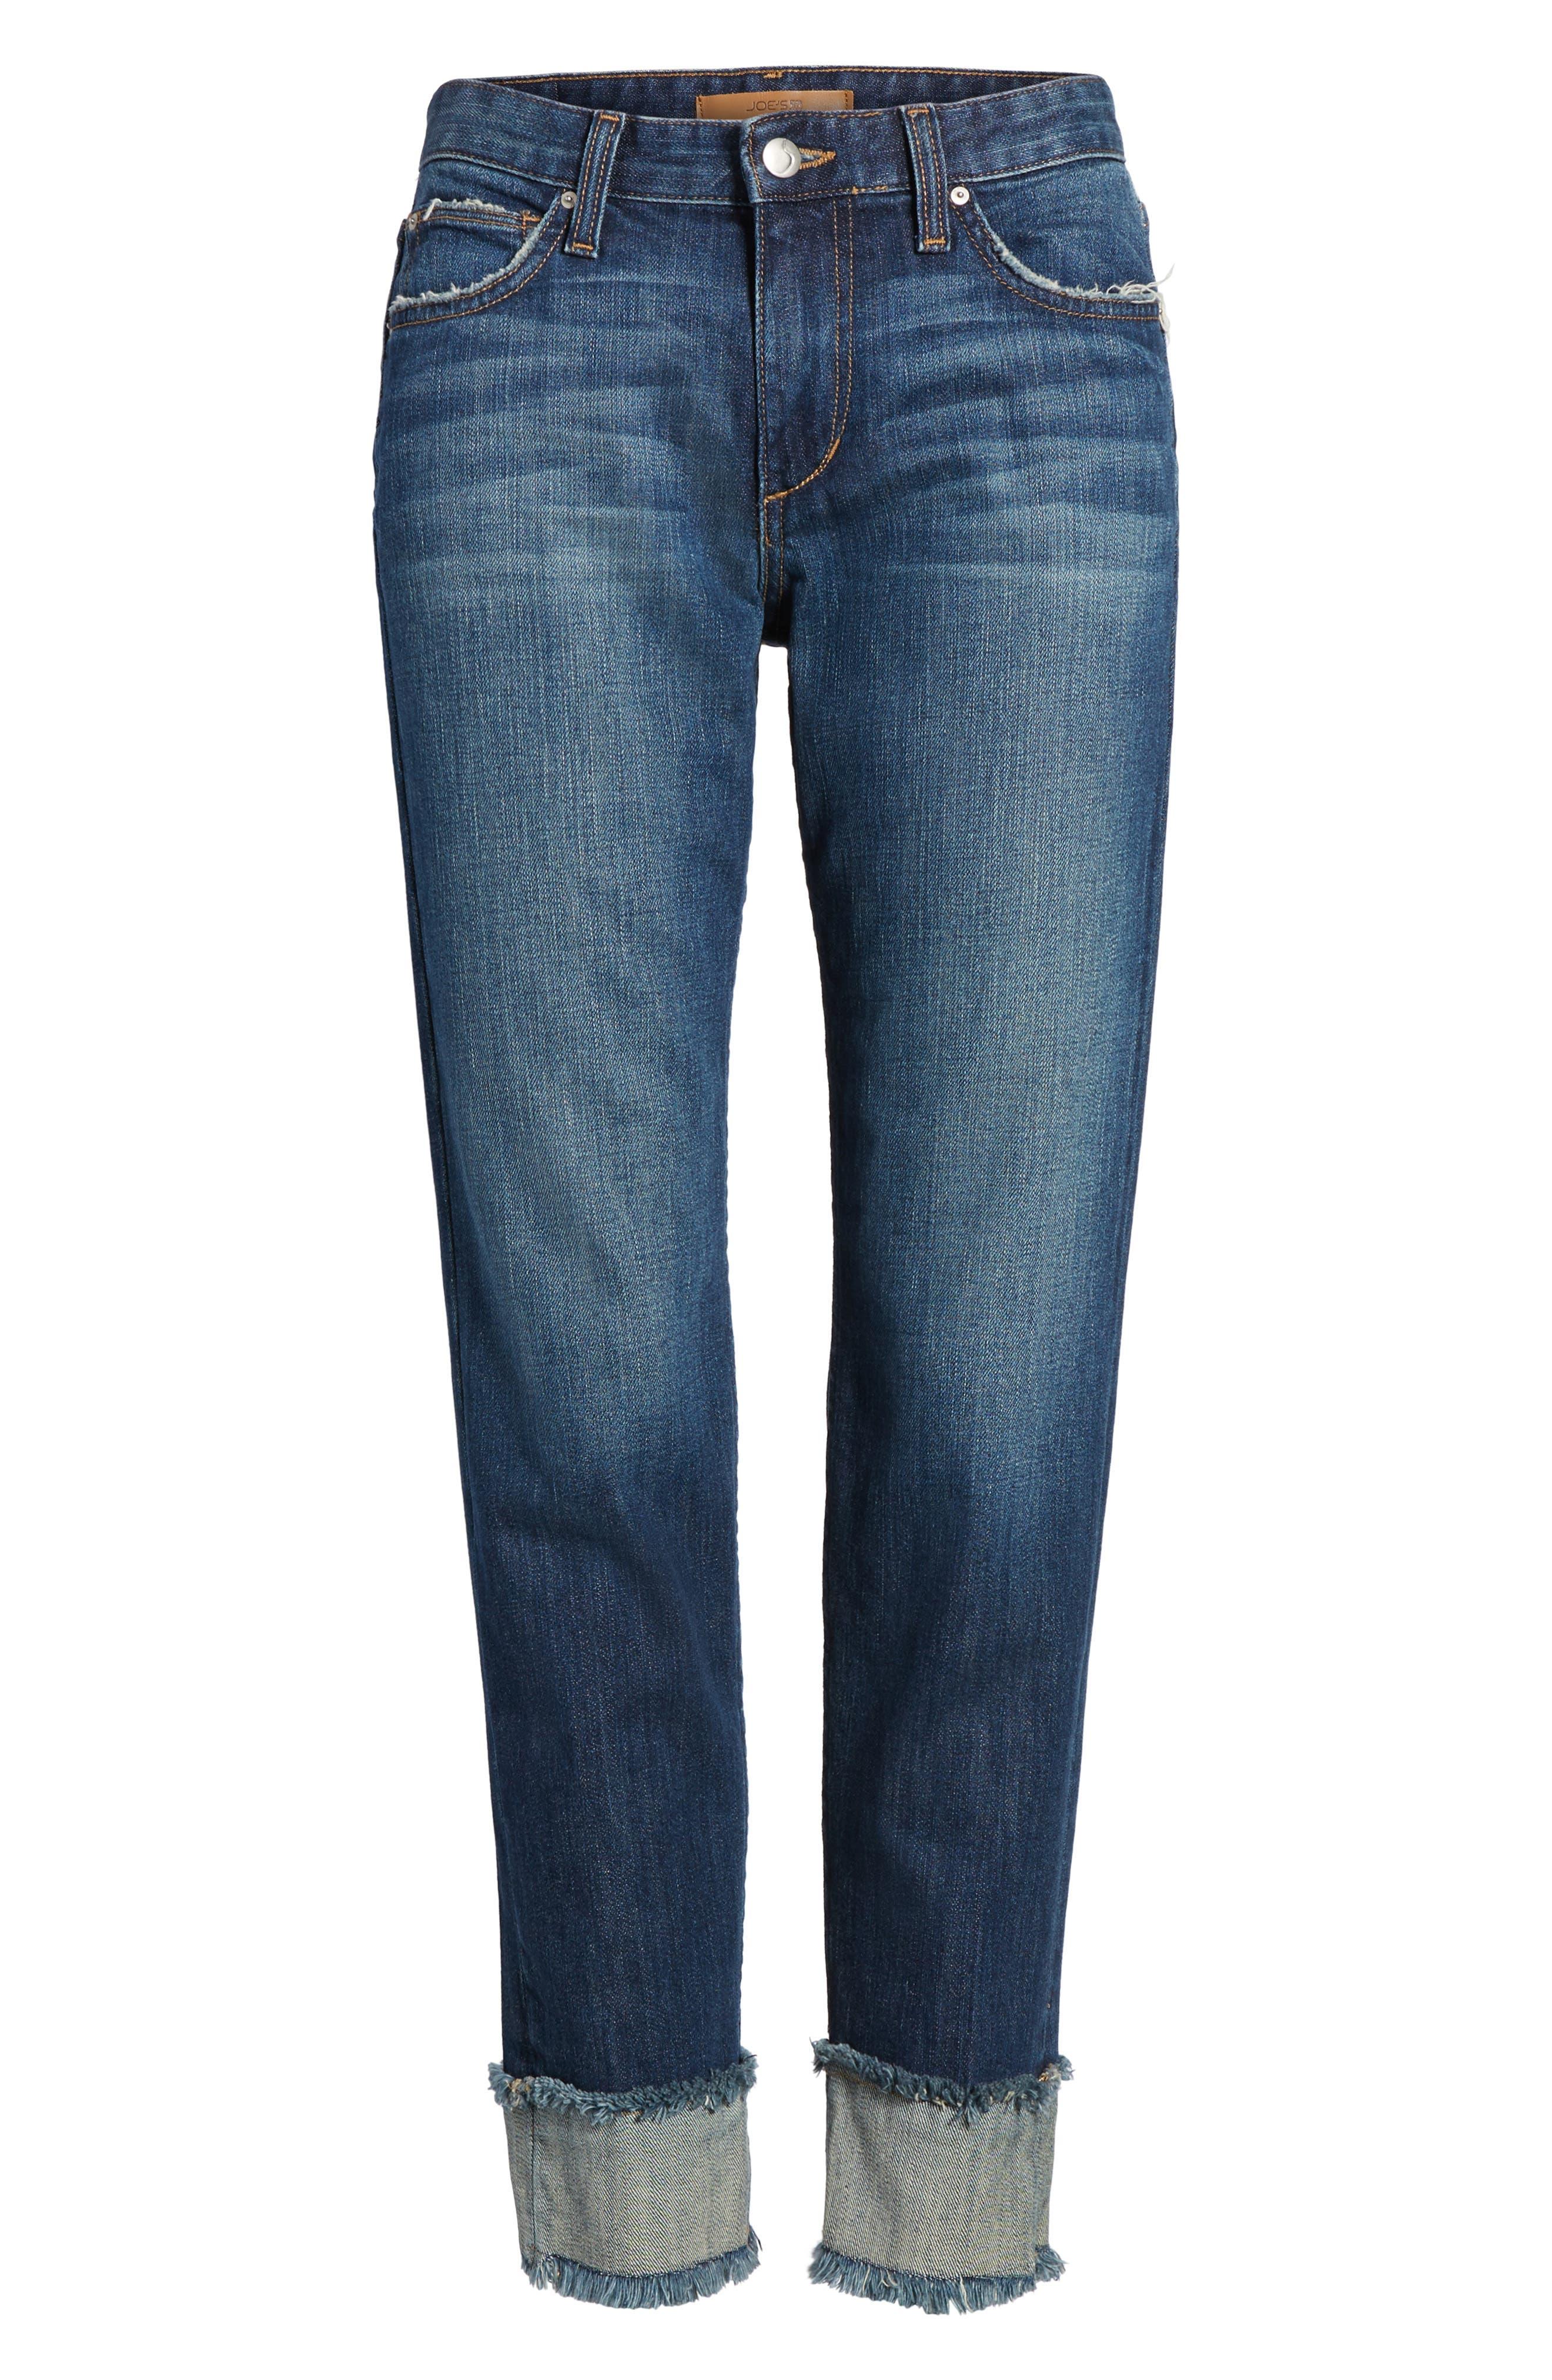 Smith Crop Boyfriend Jeans,                             Alternate thumbnail 6, color,                             411